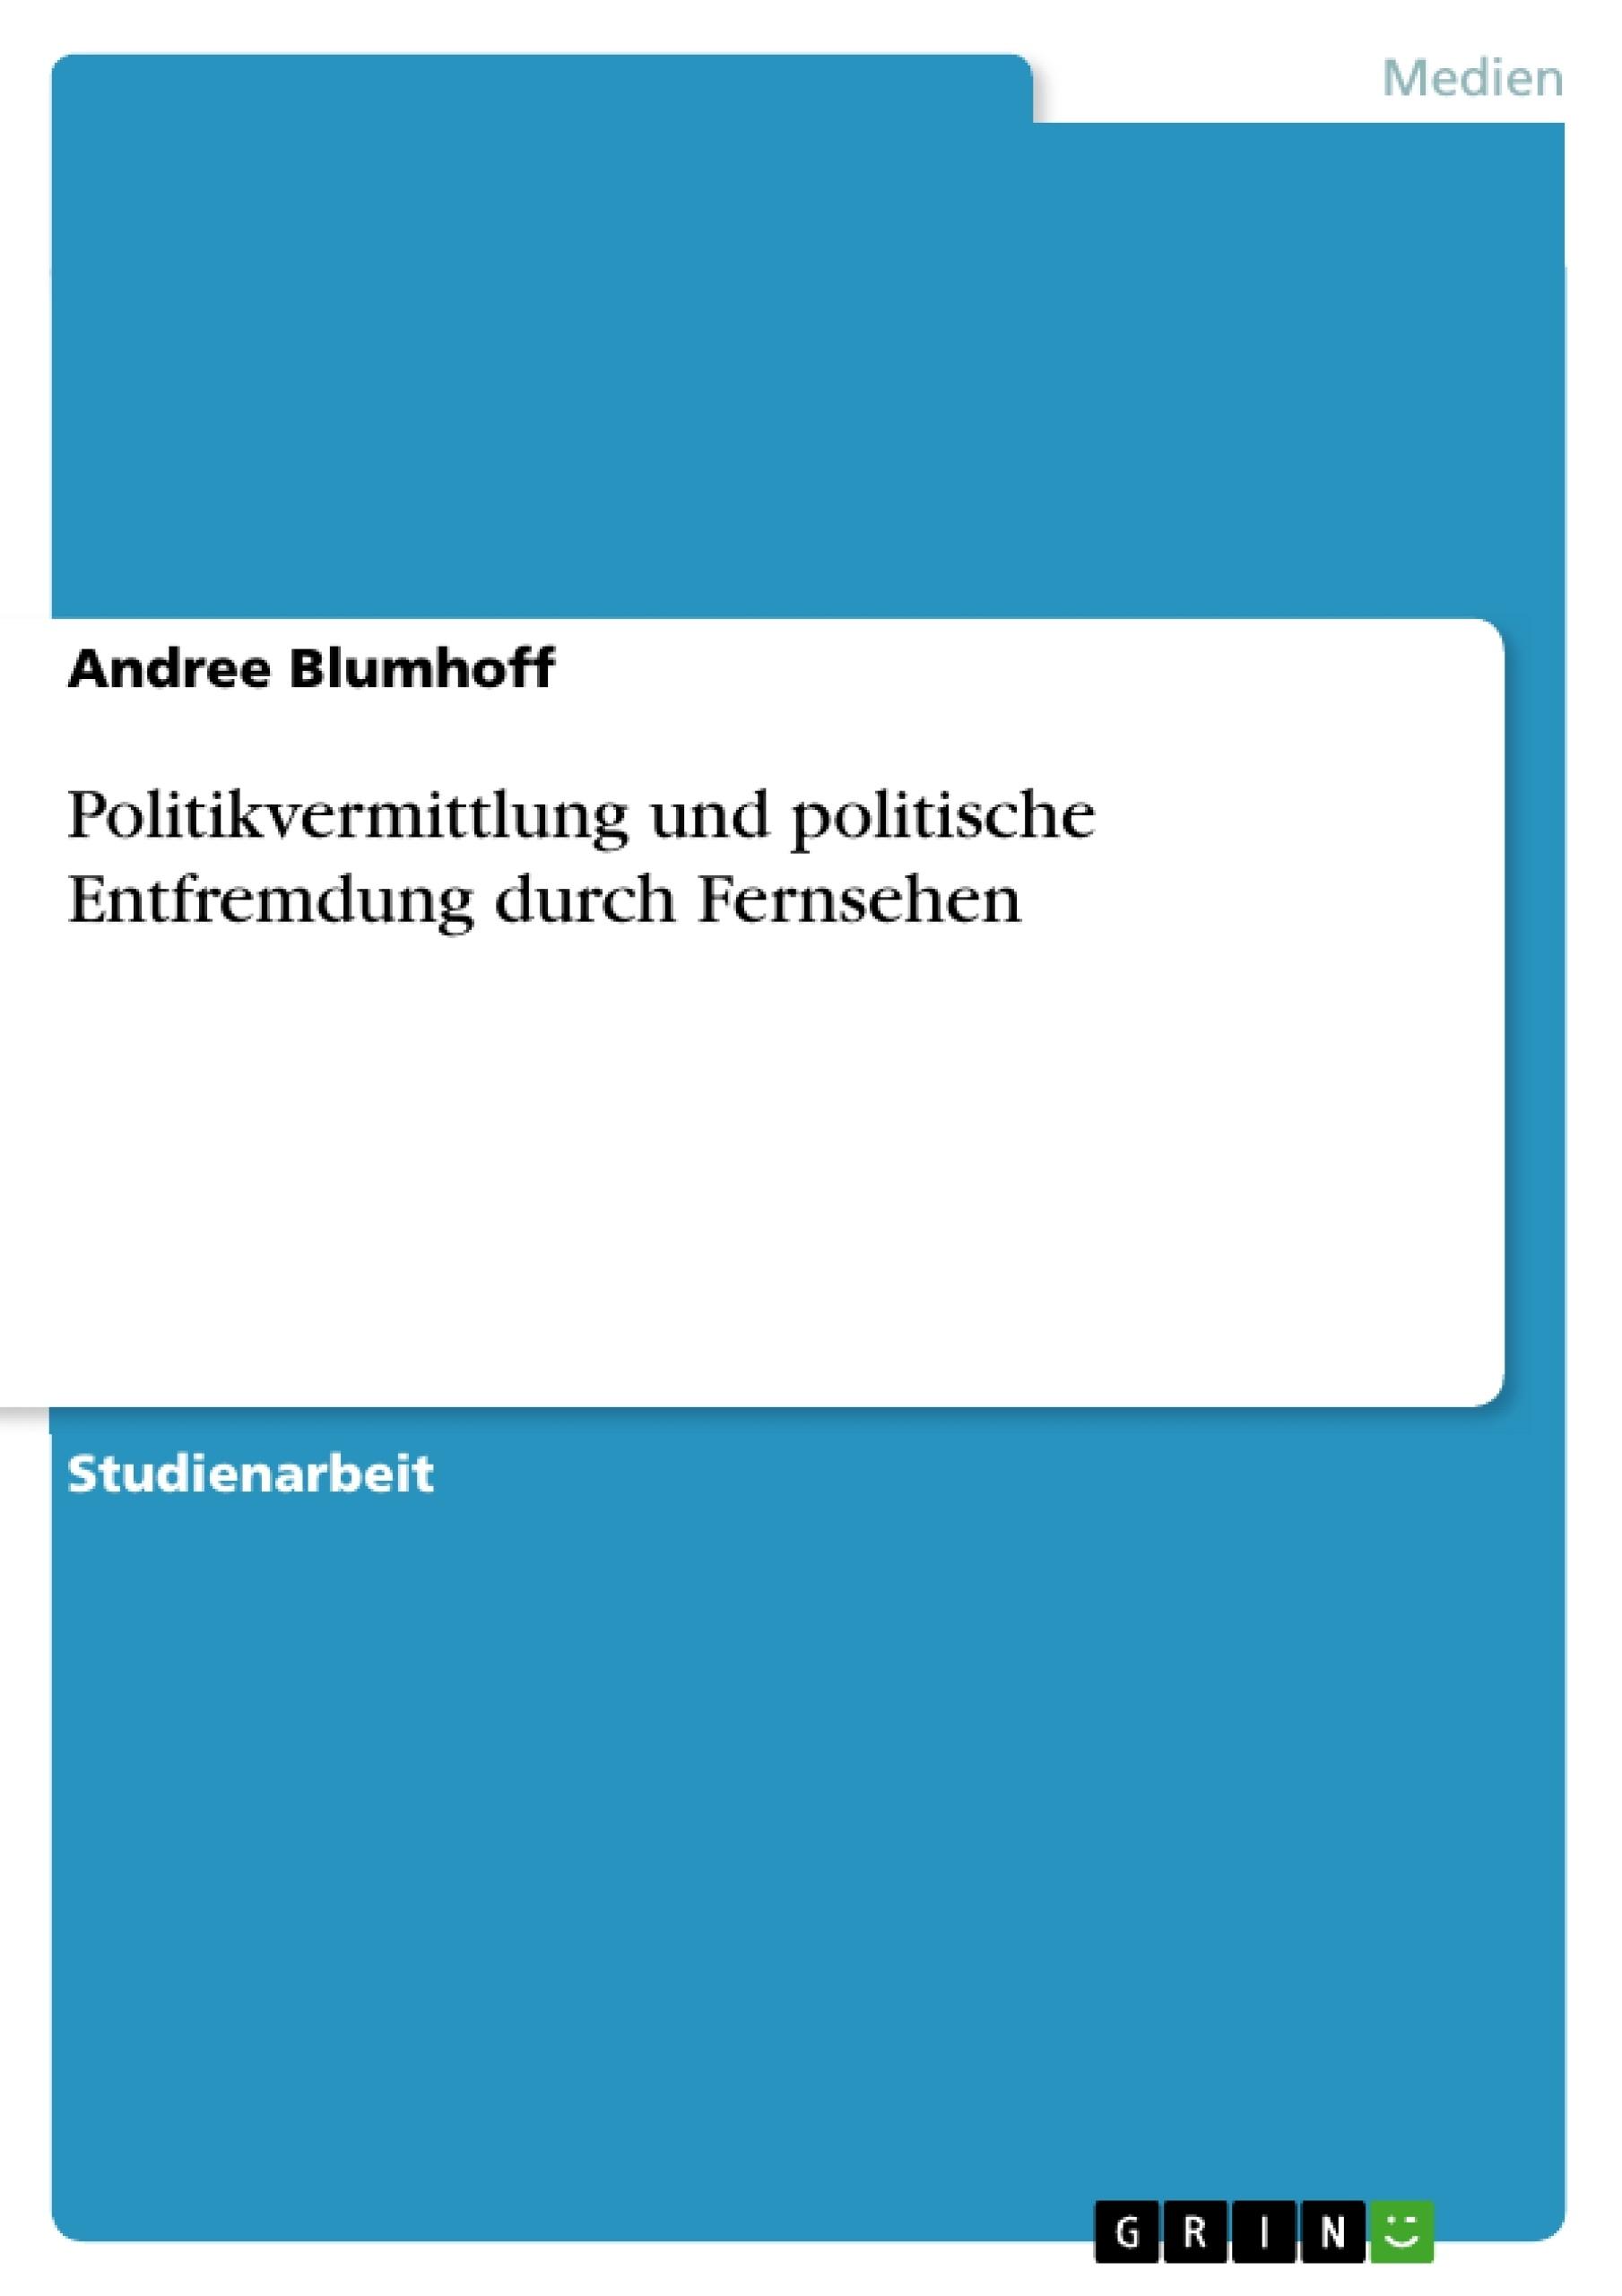 Titel: Politikvermittlung und politische Entfremdung durch Fernsehen